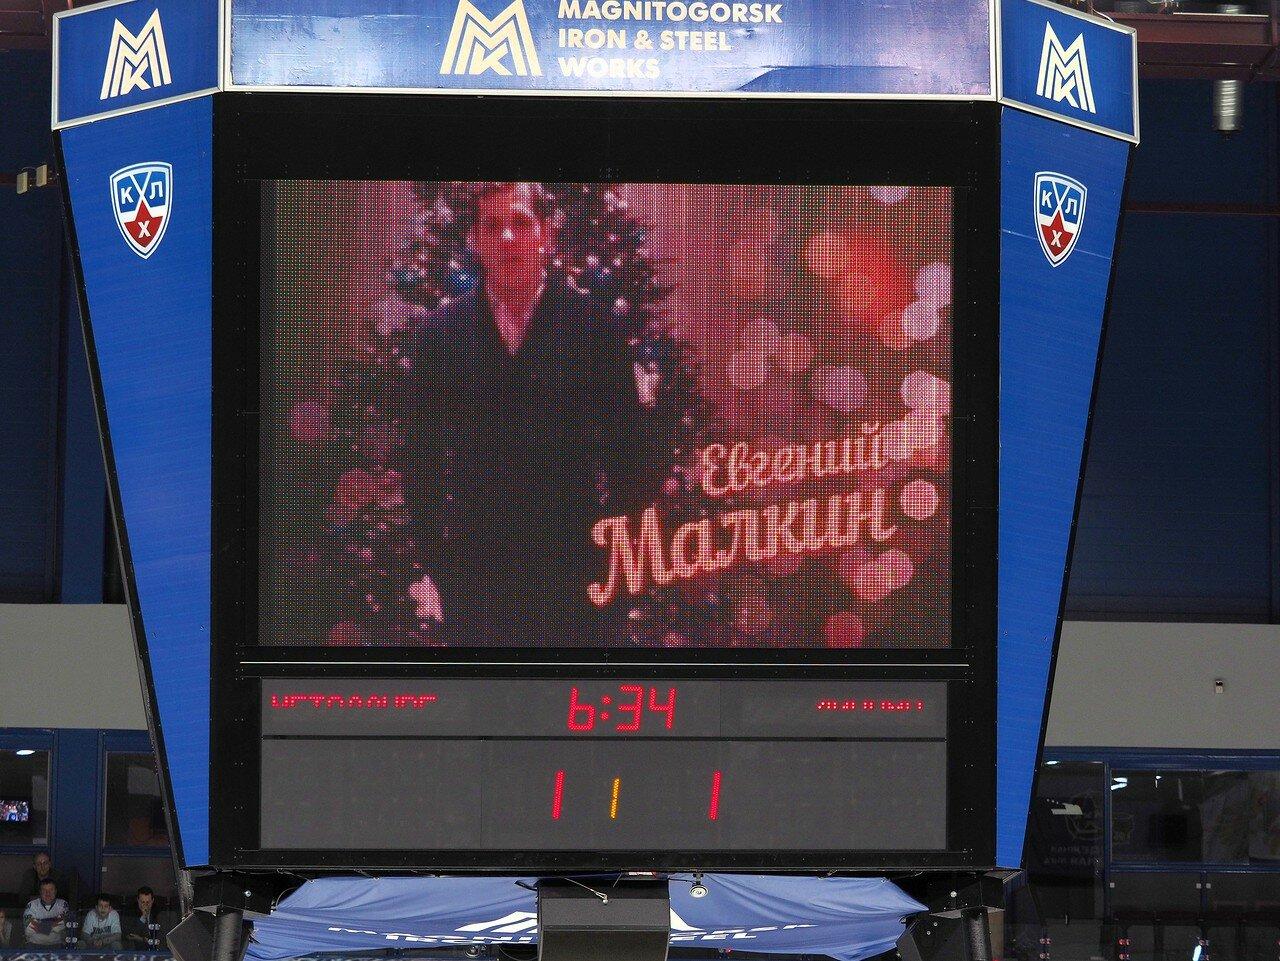 73Металлург - Динамо Москва 28.12.2015